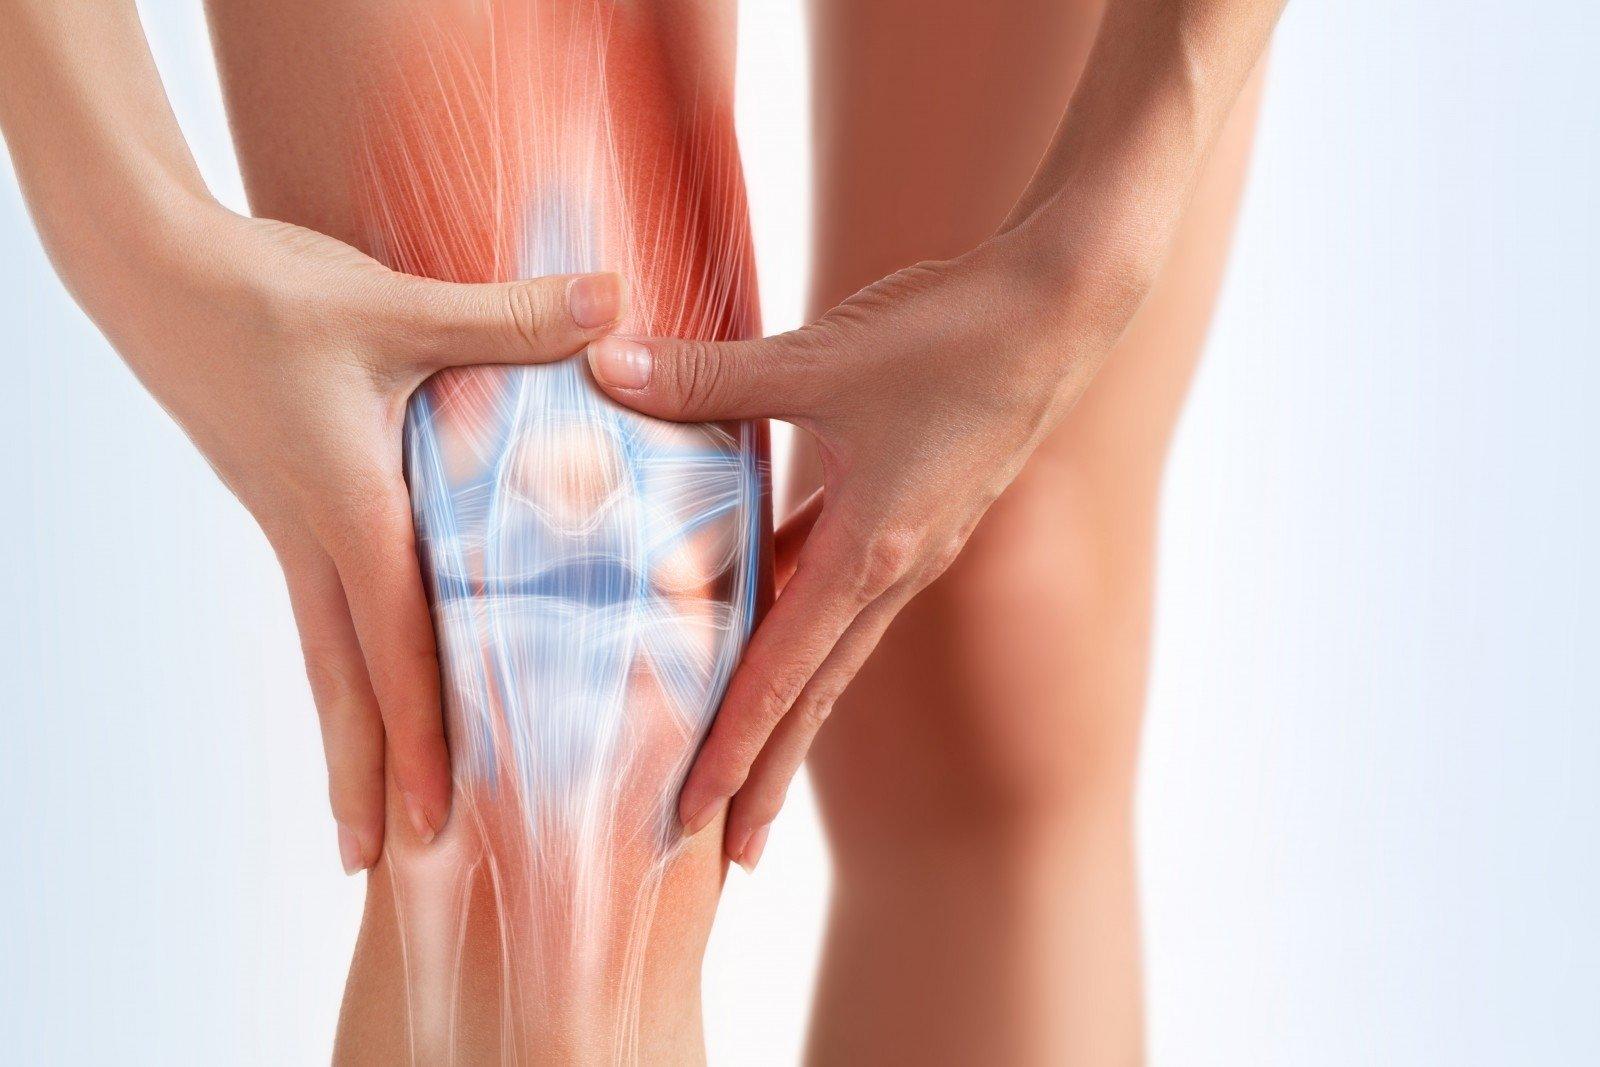 sąnarių gydymas osteoartrito brinkti sąnarių dešinės rankos